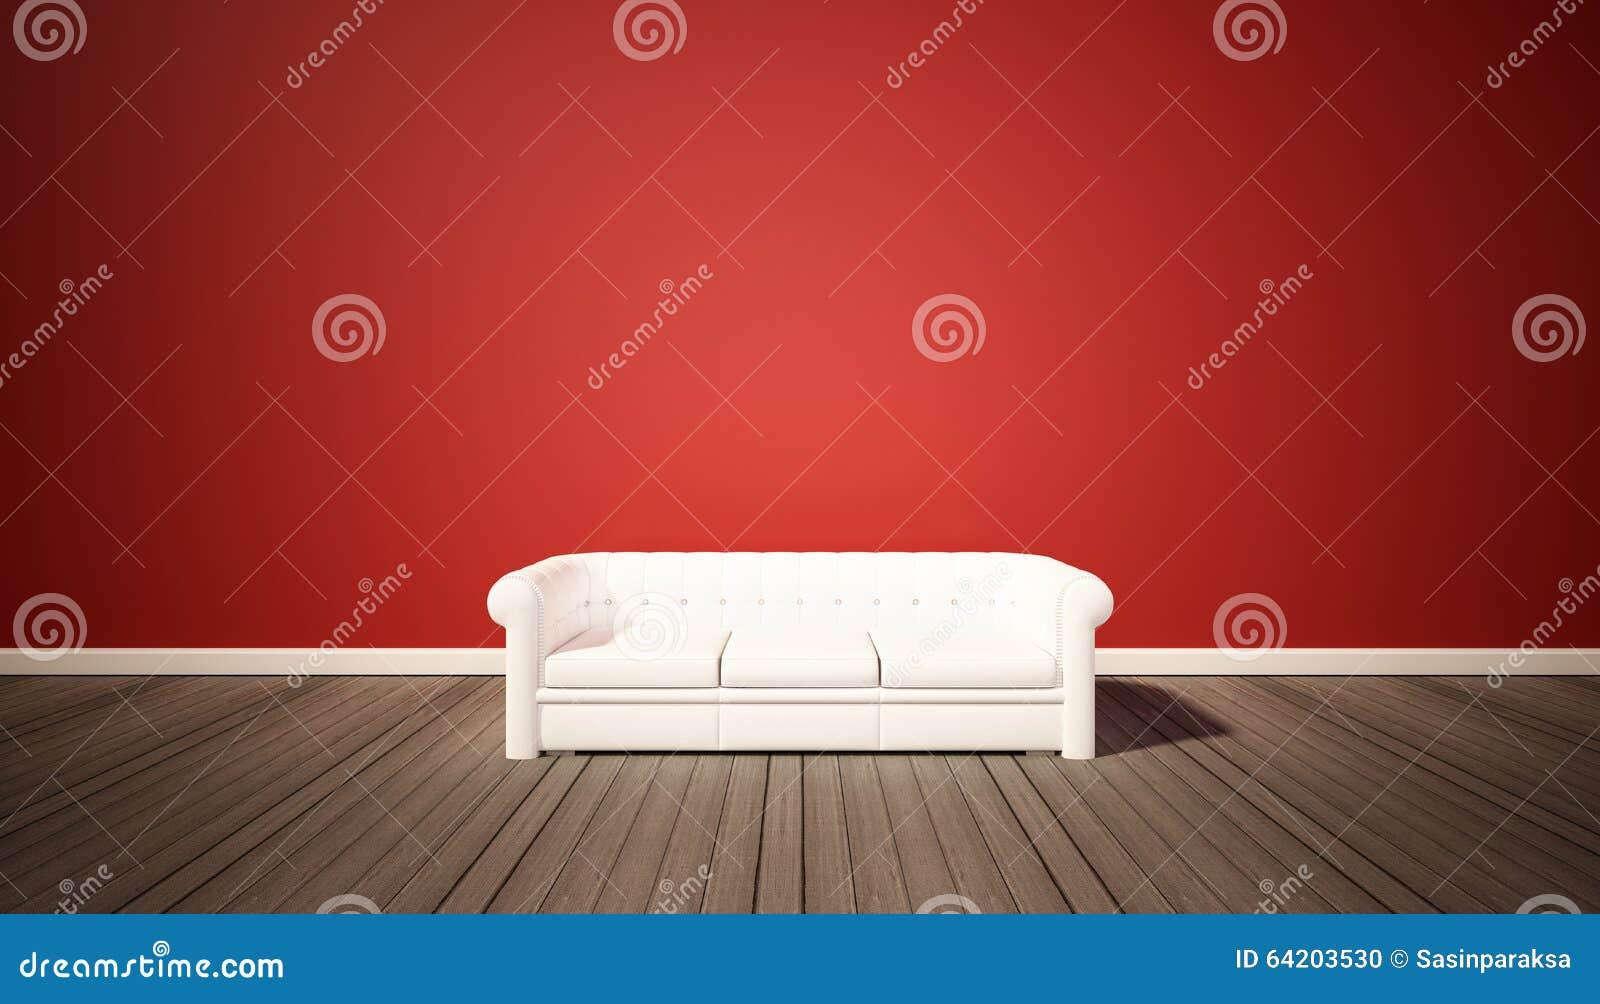 Salon mur rouge et plancher en bois fonc avec le sofa blanc photo stock image du fond divan - Mur rouge salon ...